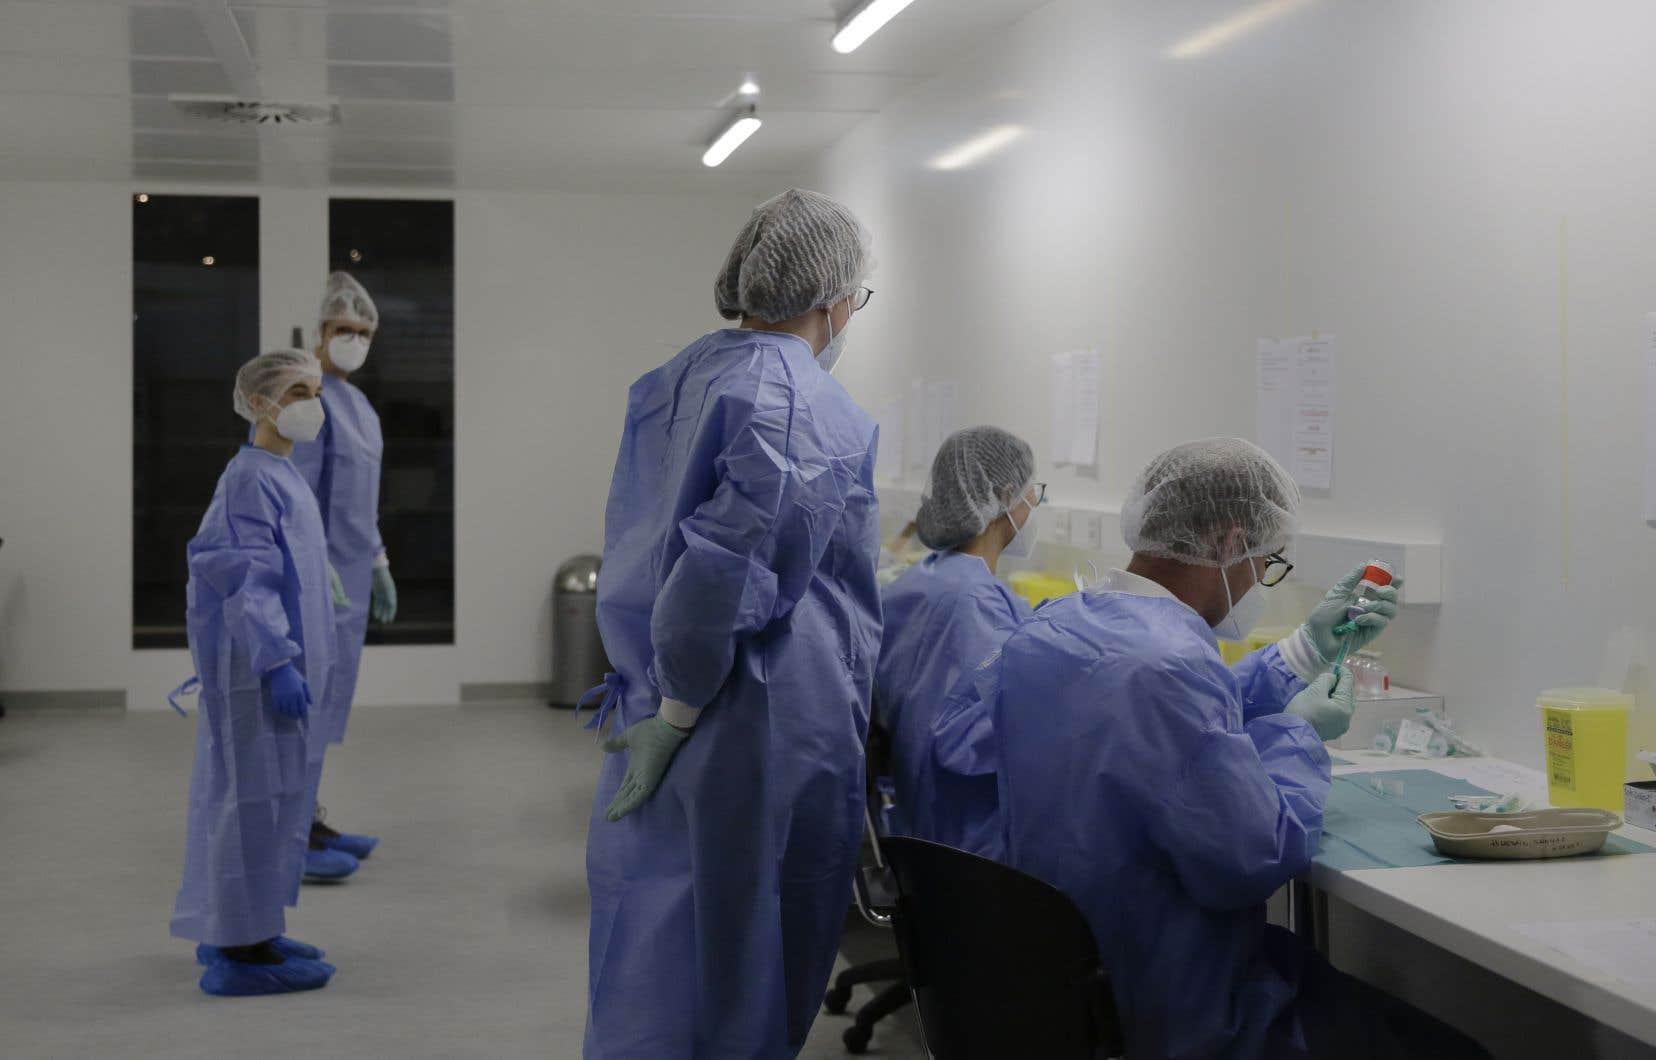 Le ministre allemand de la Santé, Jens Spahn, s'est félicité du succès de la campagne de vaccination, précisant que 60000 Allemands avaient déjà été vaccinés.